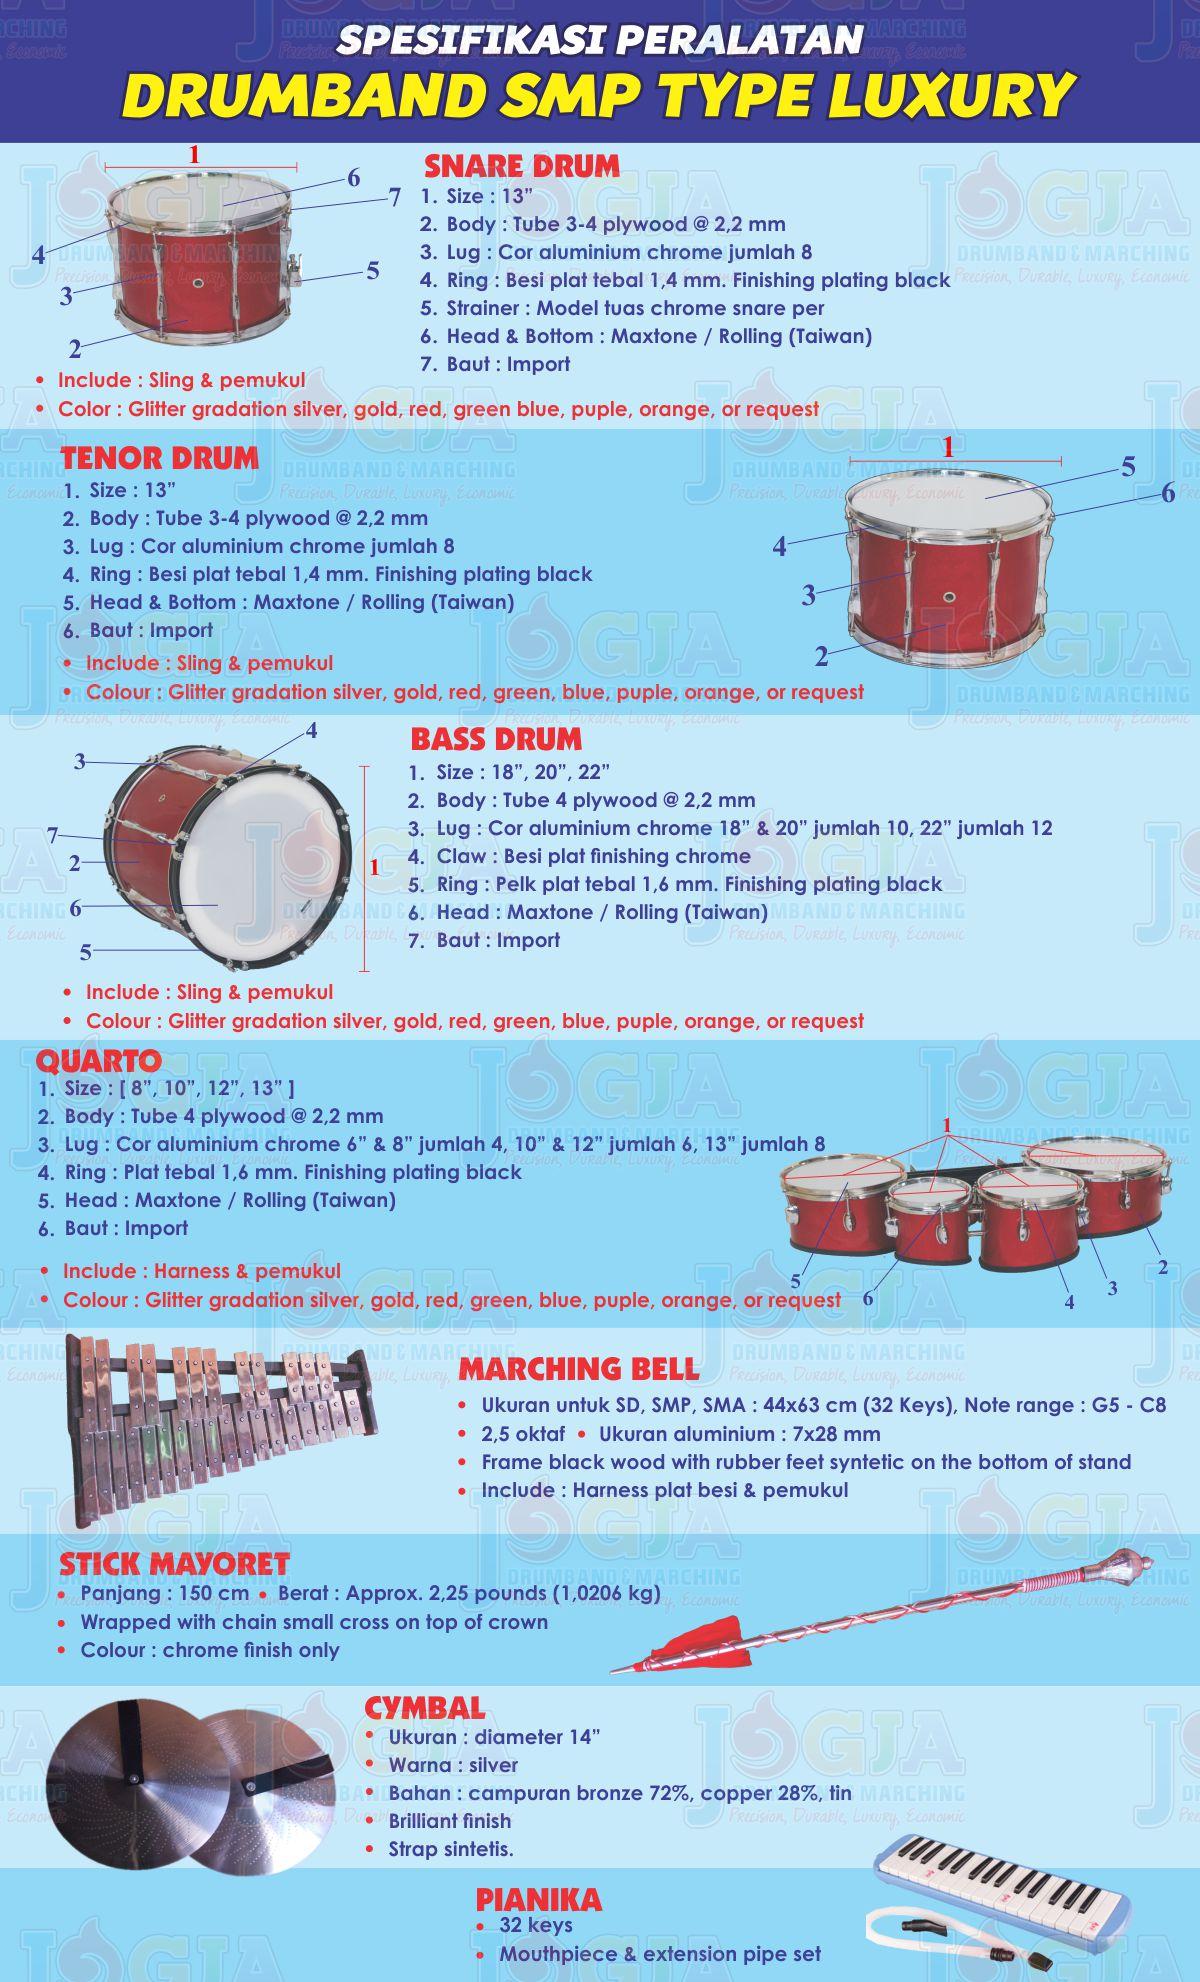 Spesifikasi Drumband SMP